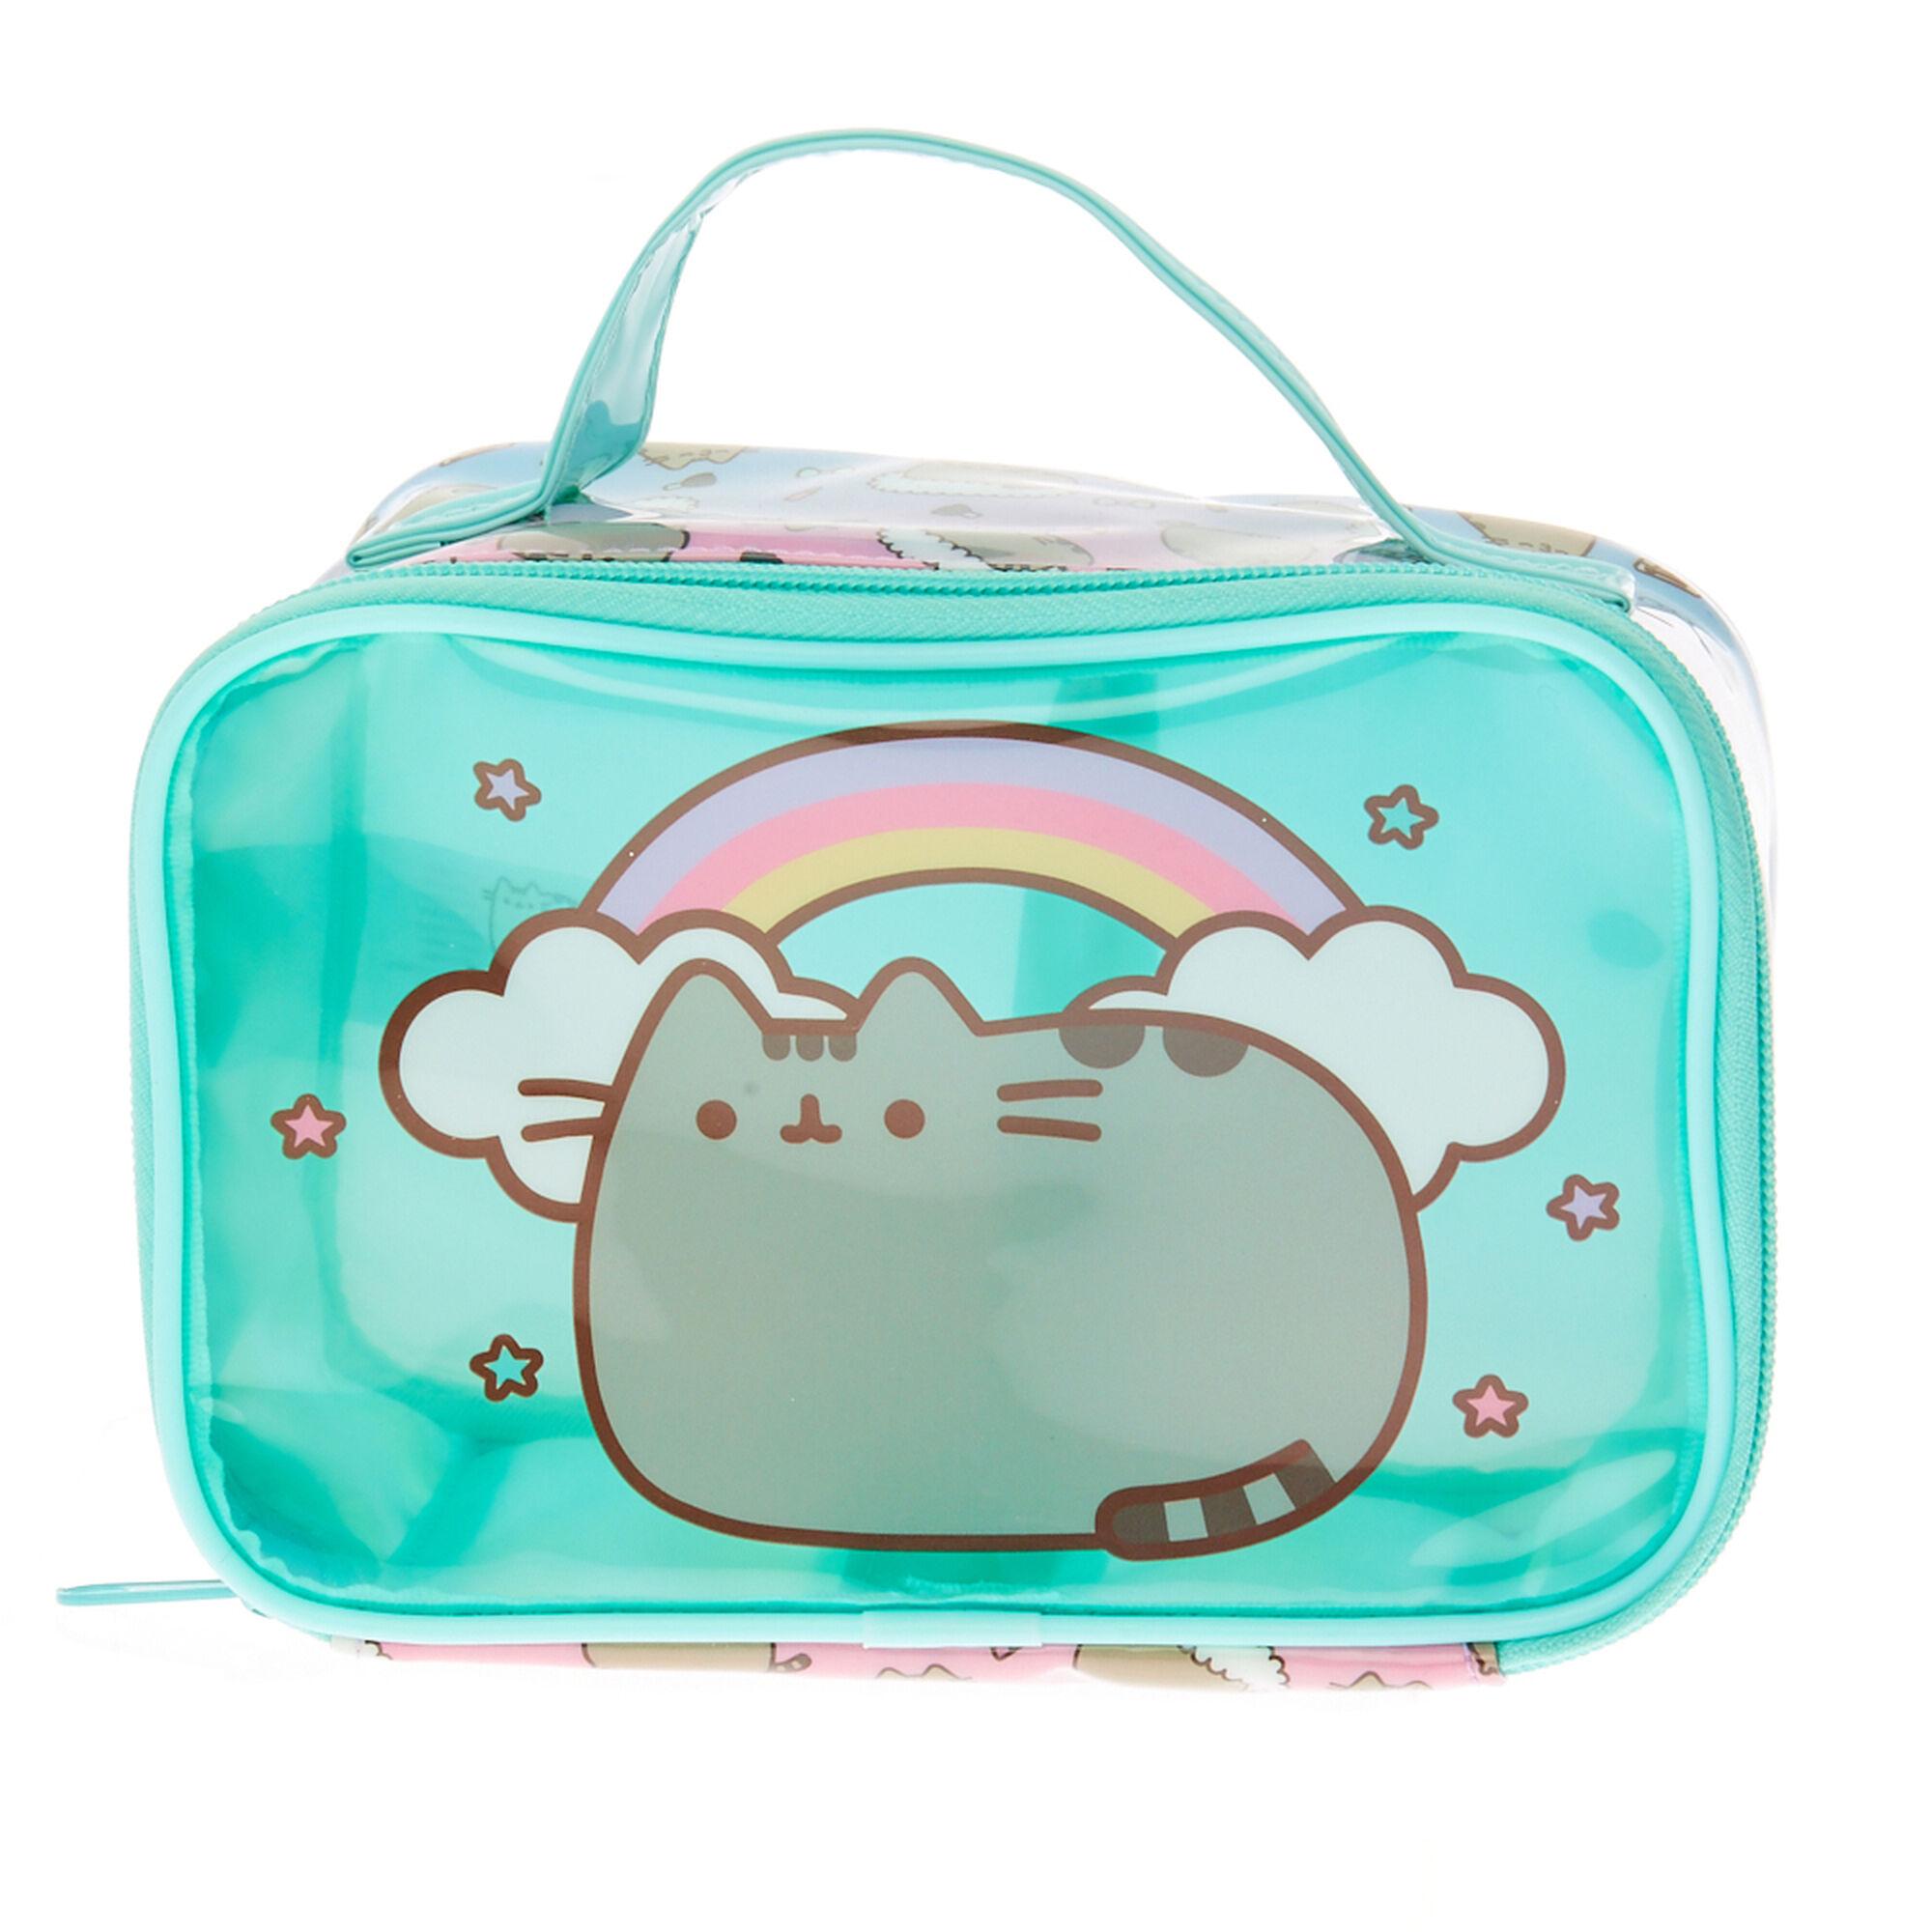 Pusheen Dreamy Cosmetics Bag